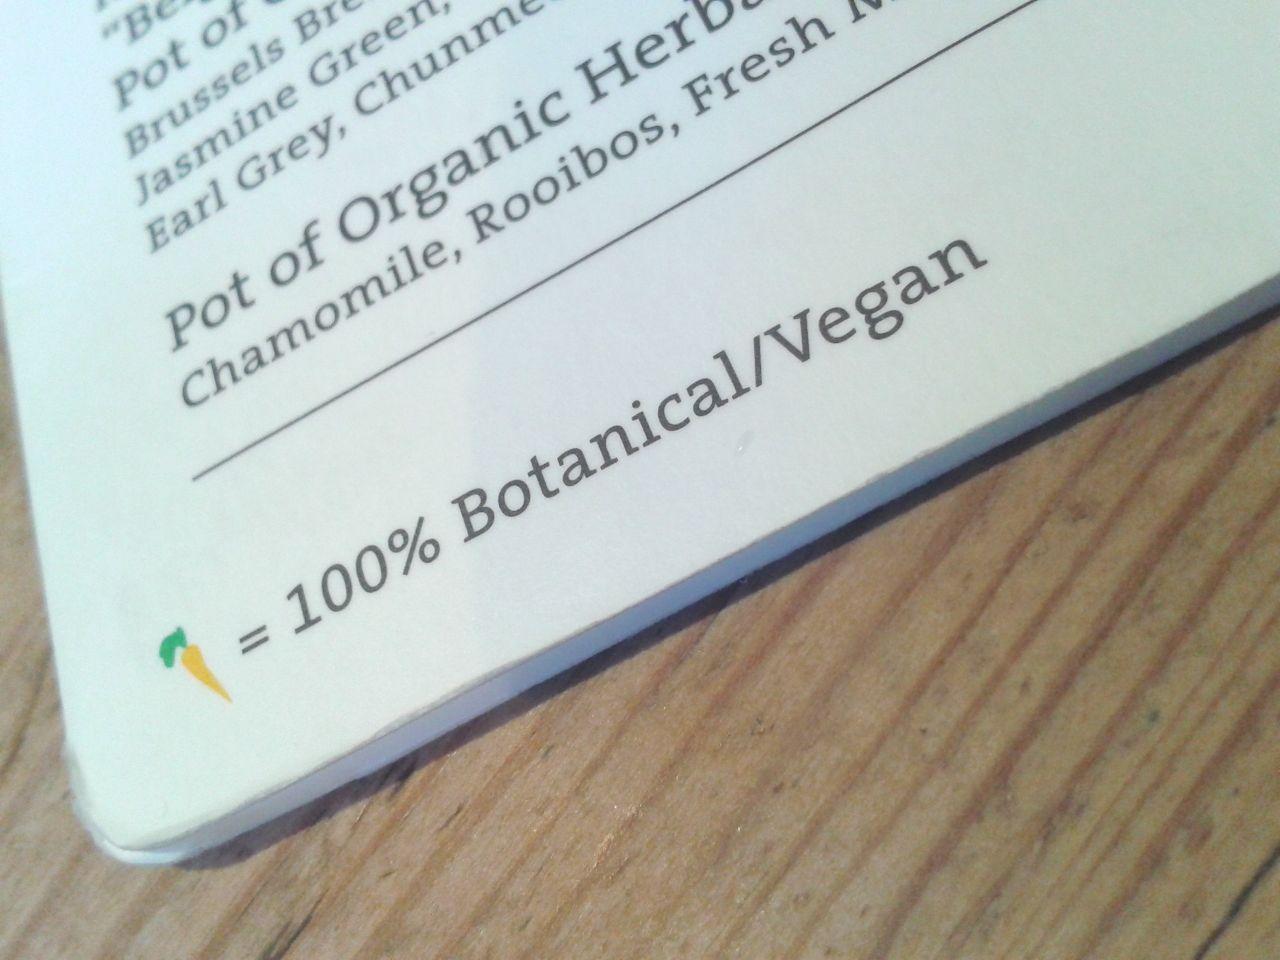 https://i2.wp.com/fatgayvegan.com/wp-content/uploads/2014/01/vegan-symbol.jpg?fit=1280%2C960&ssl=1